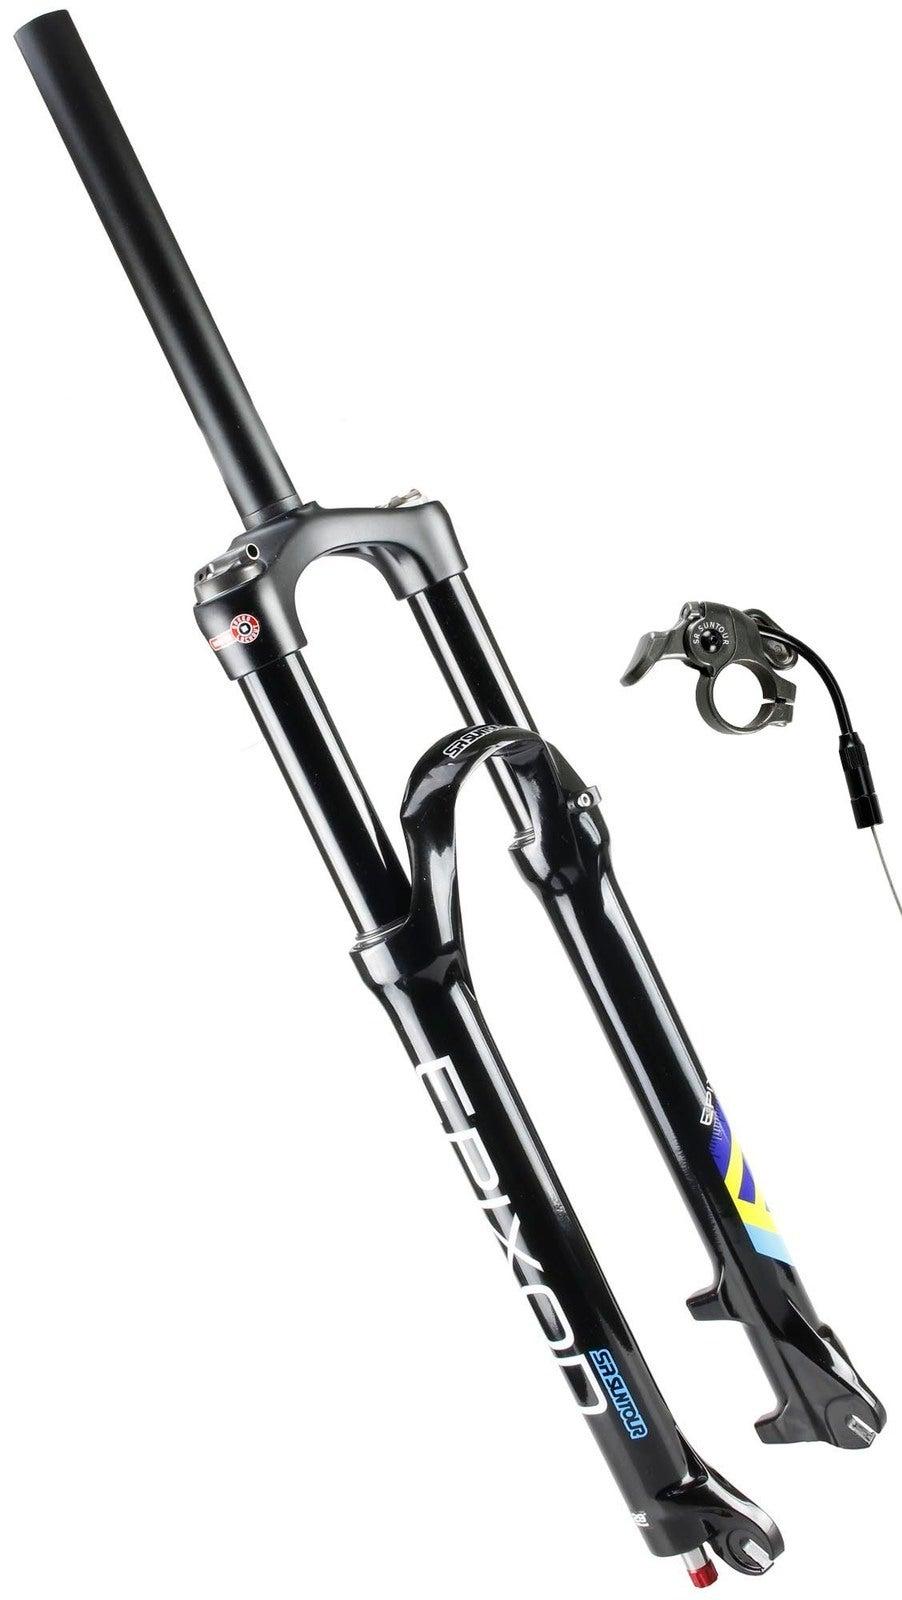 SR Suntour Epixon Mountain Bike Fork 29er Air Travel 120mm